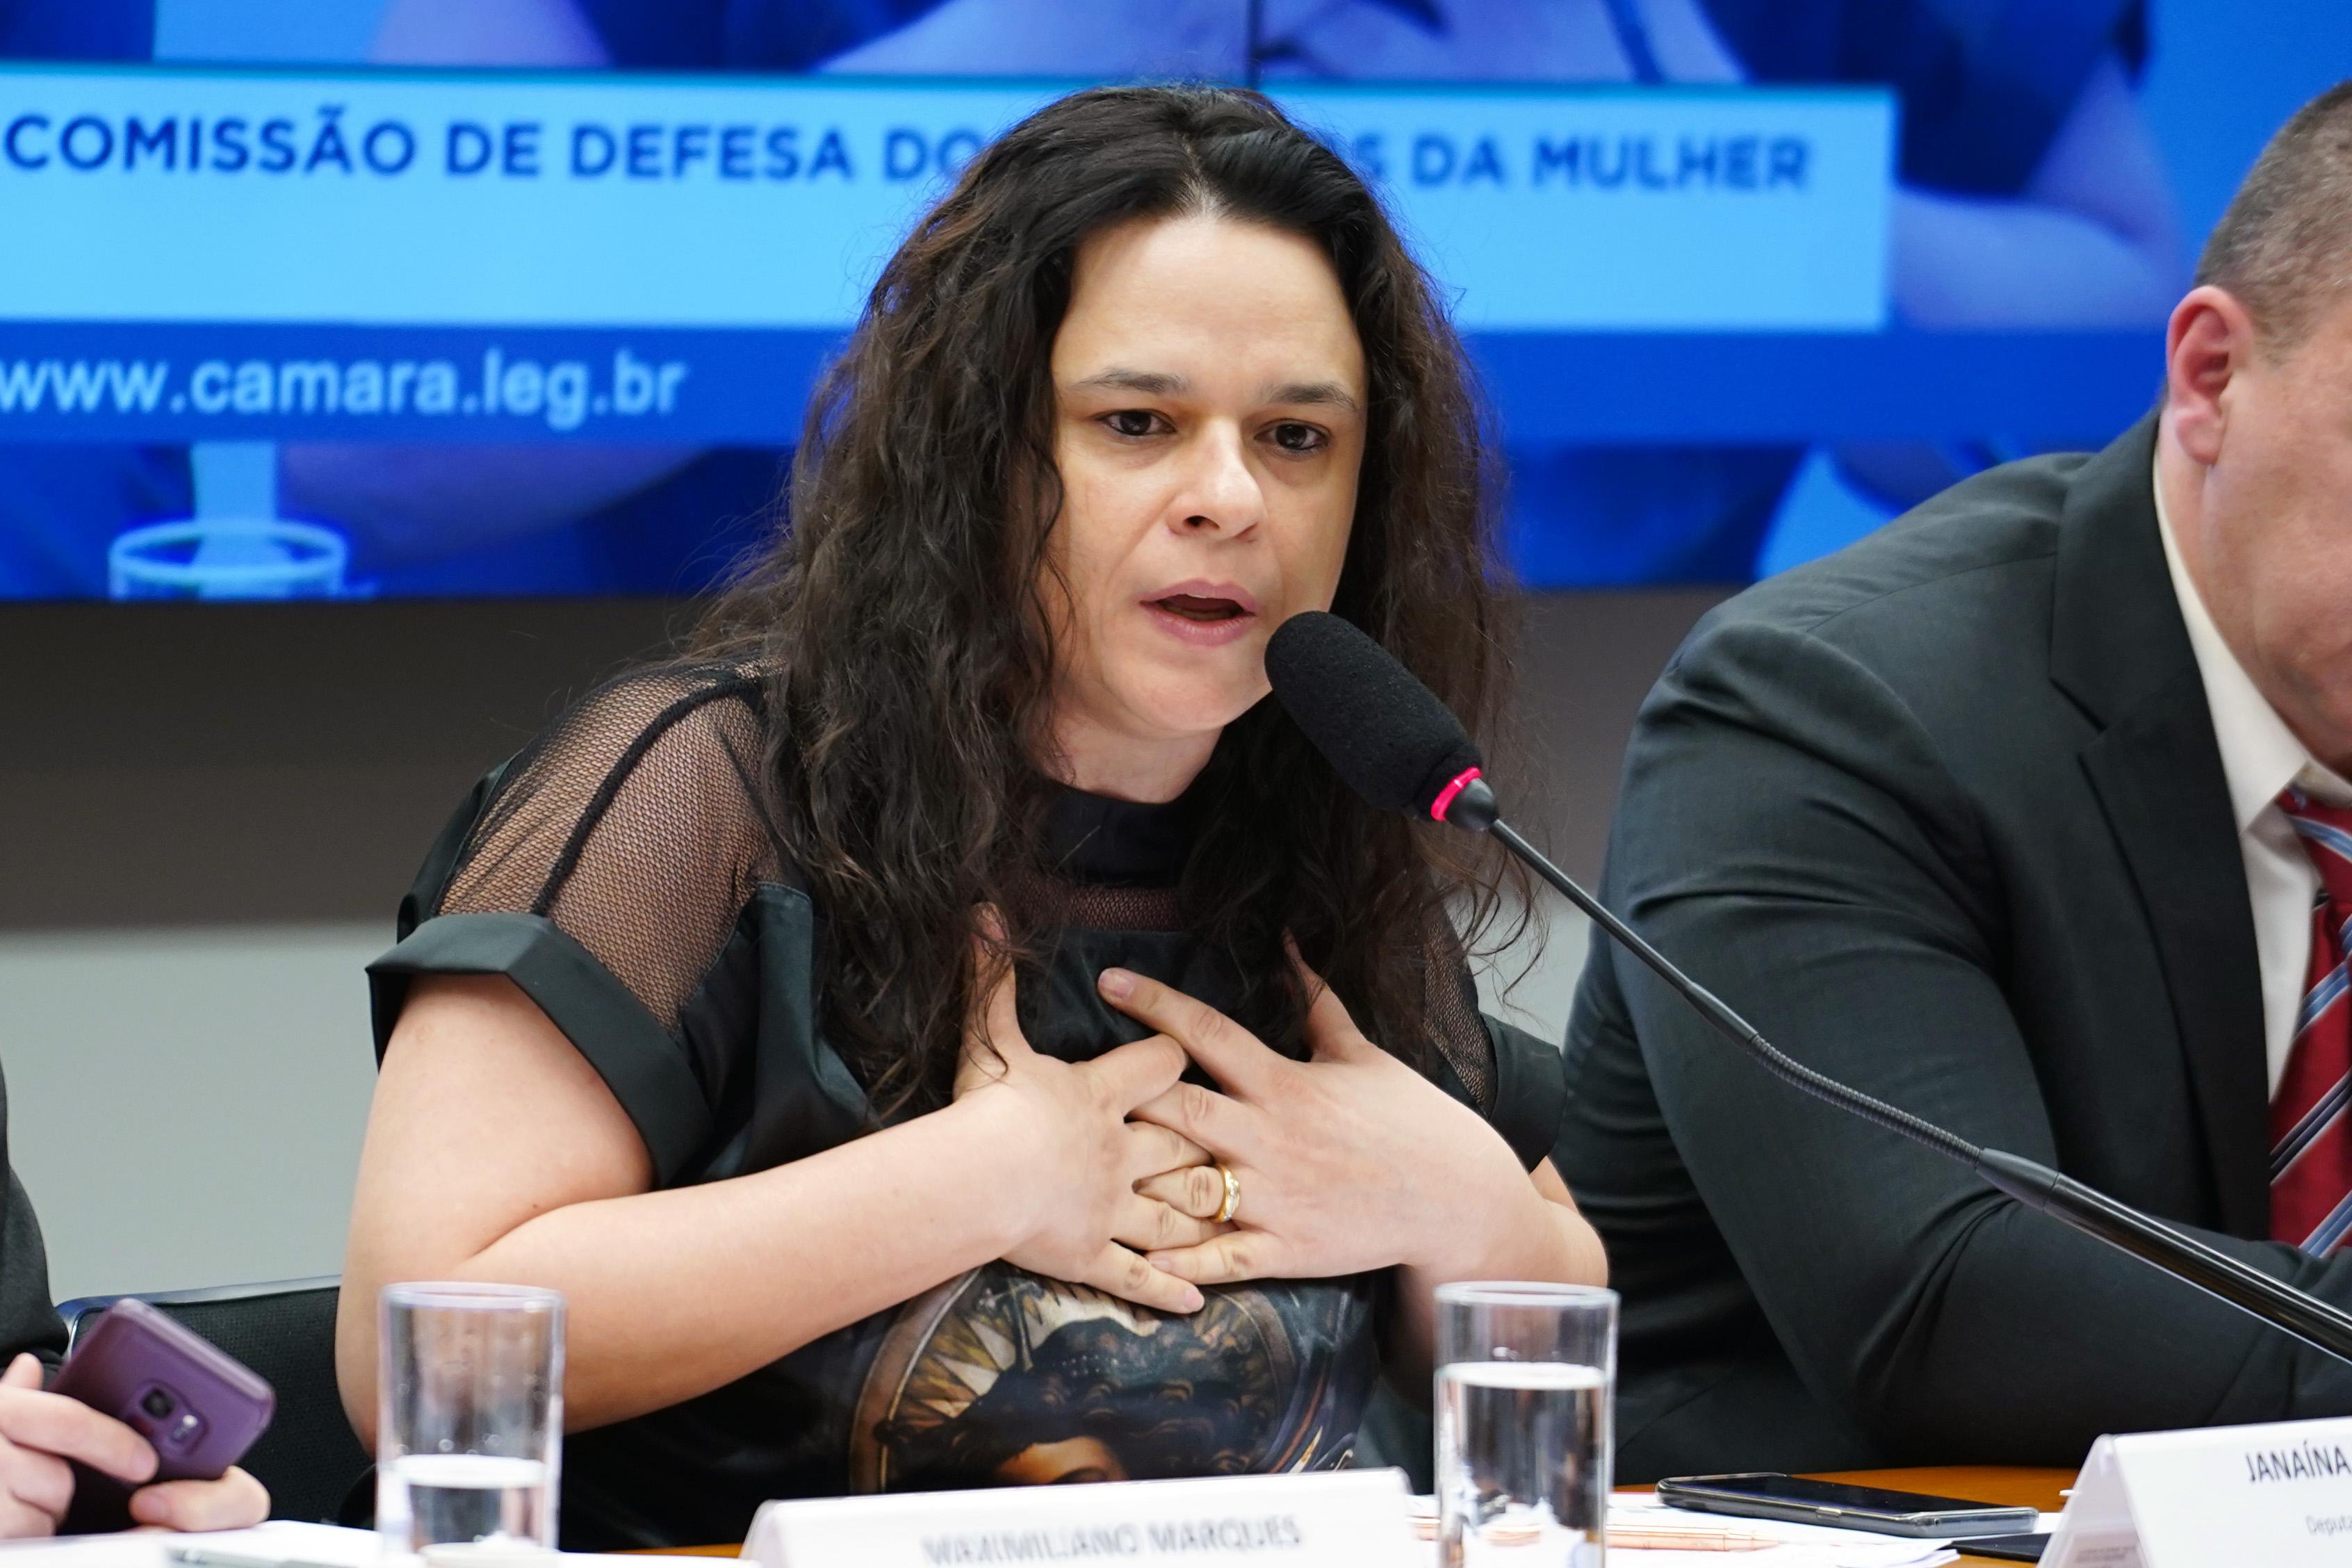 Audiência pública para debater acerca do enfrentamento à violência obstétrica no Brasil. Deputada Estadual e Advogada, Janaína Paschoal